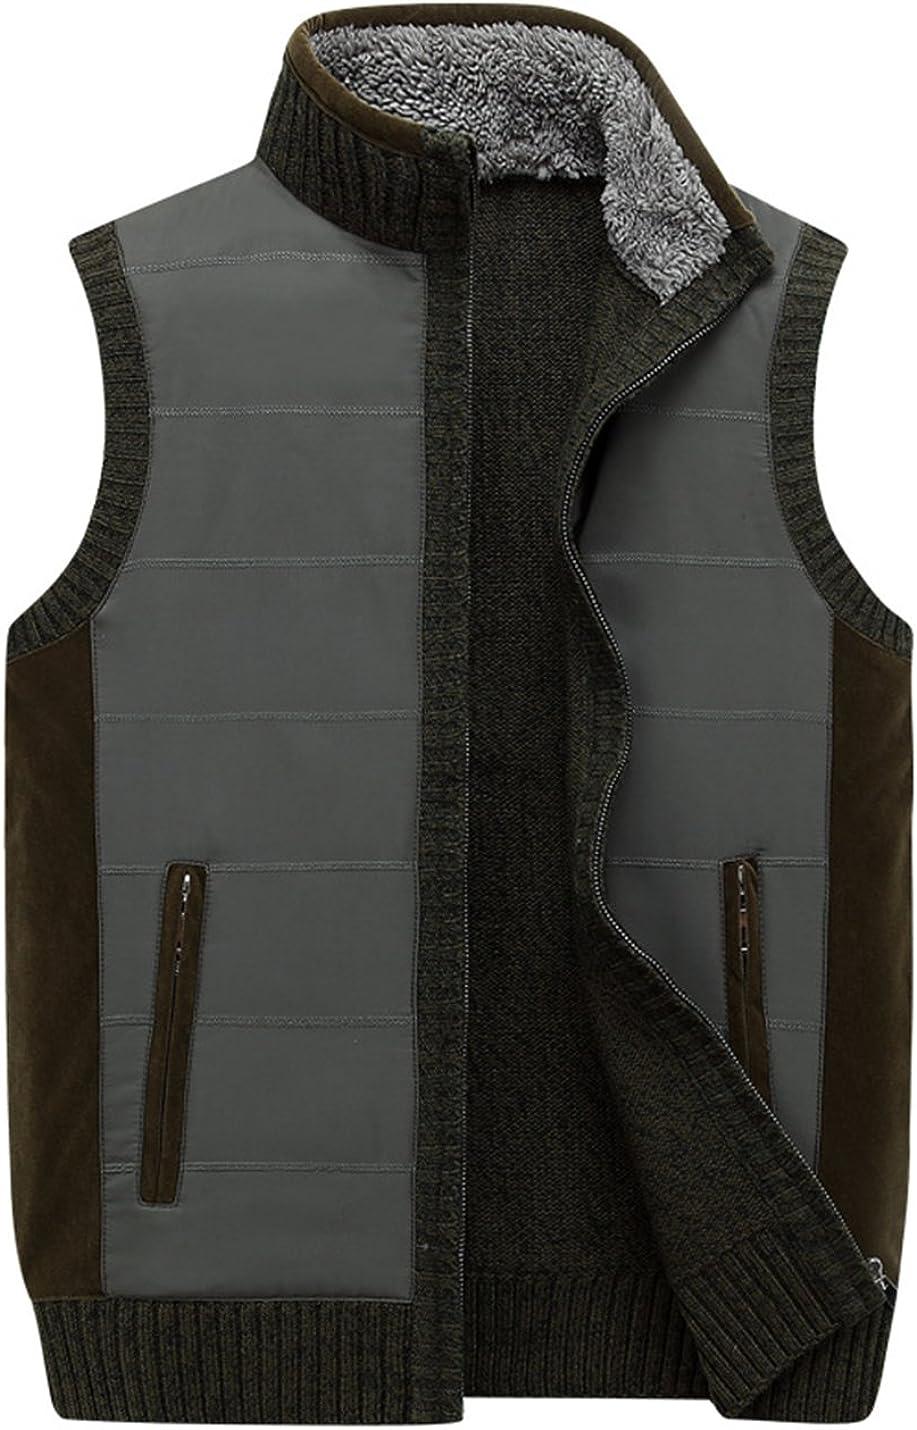 Gihuo Men's Casual Splicing Zip Fleece Knitted Sweater Vest